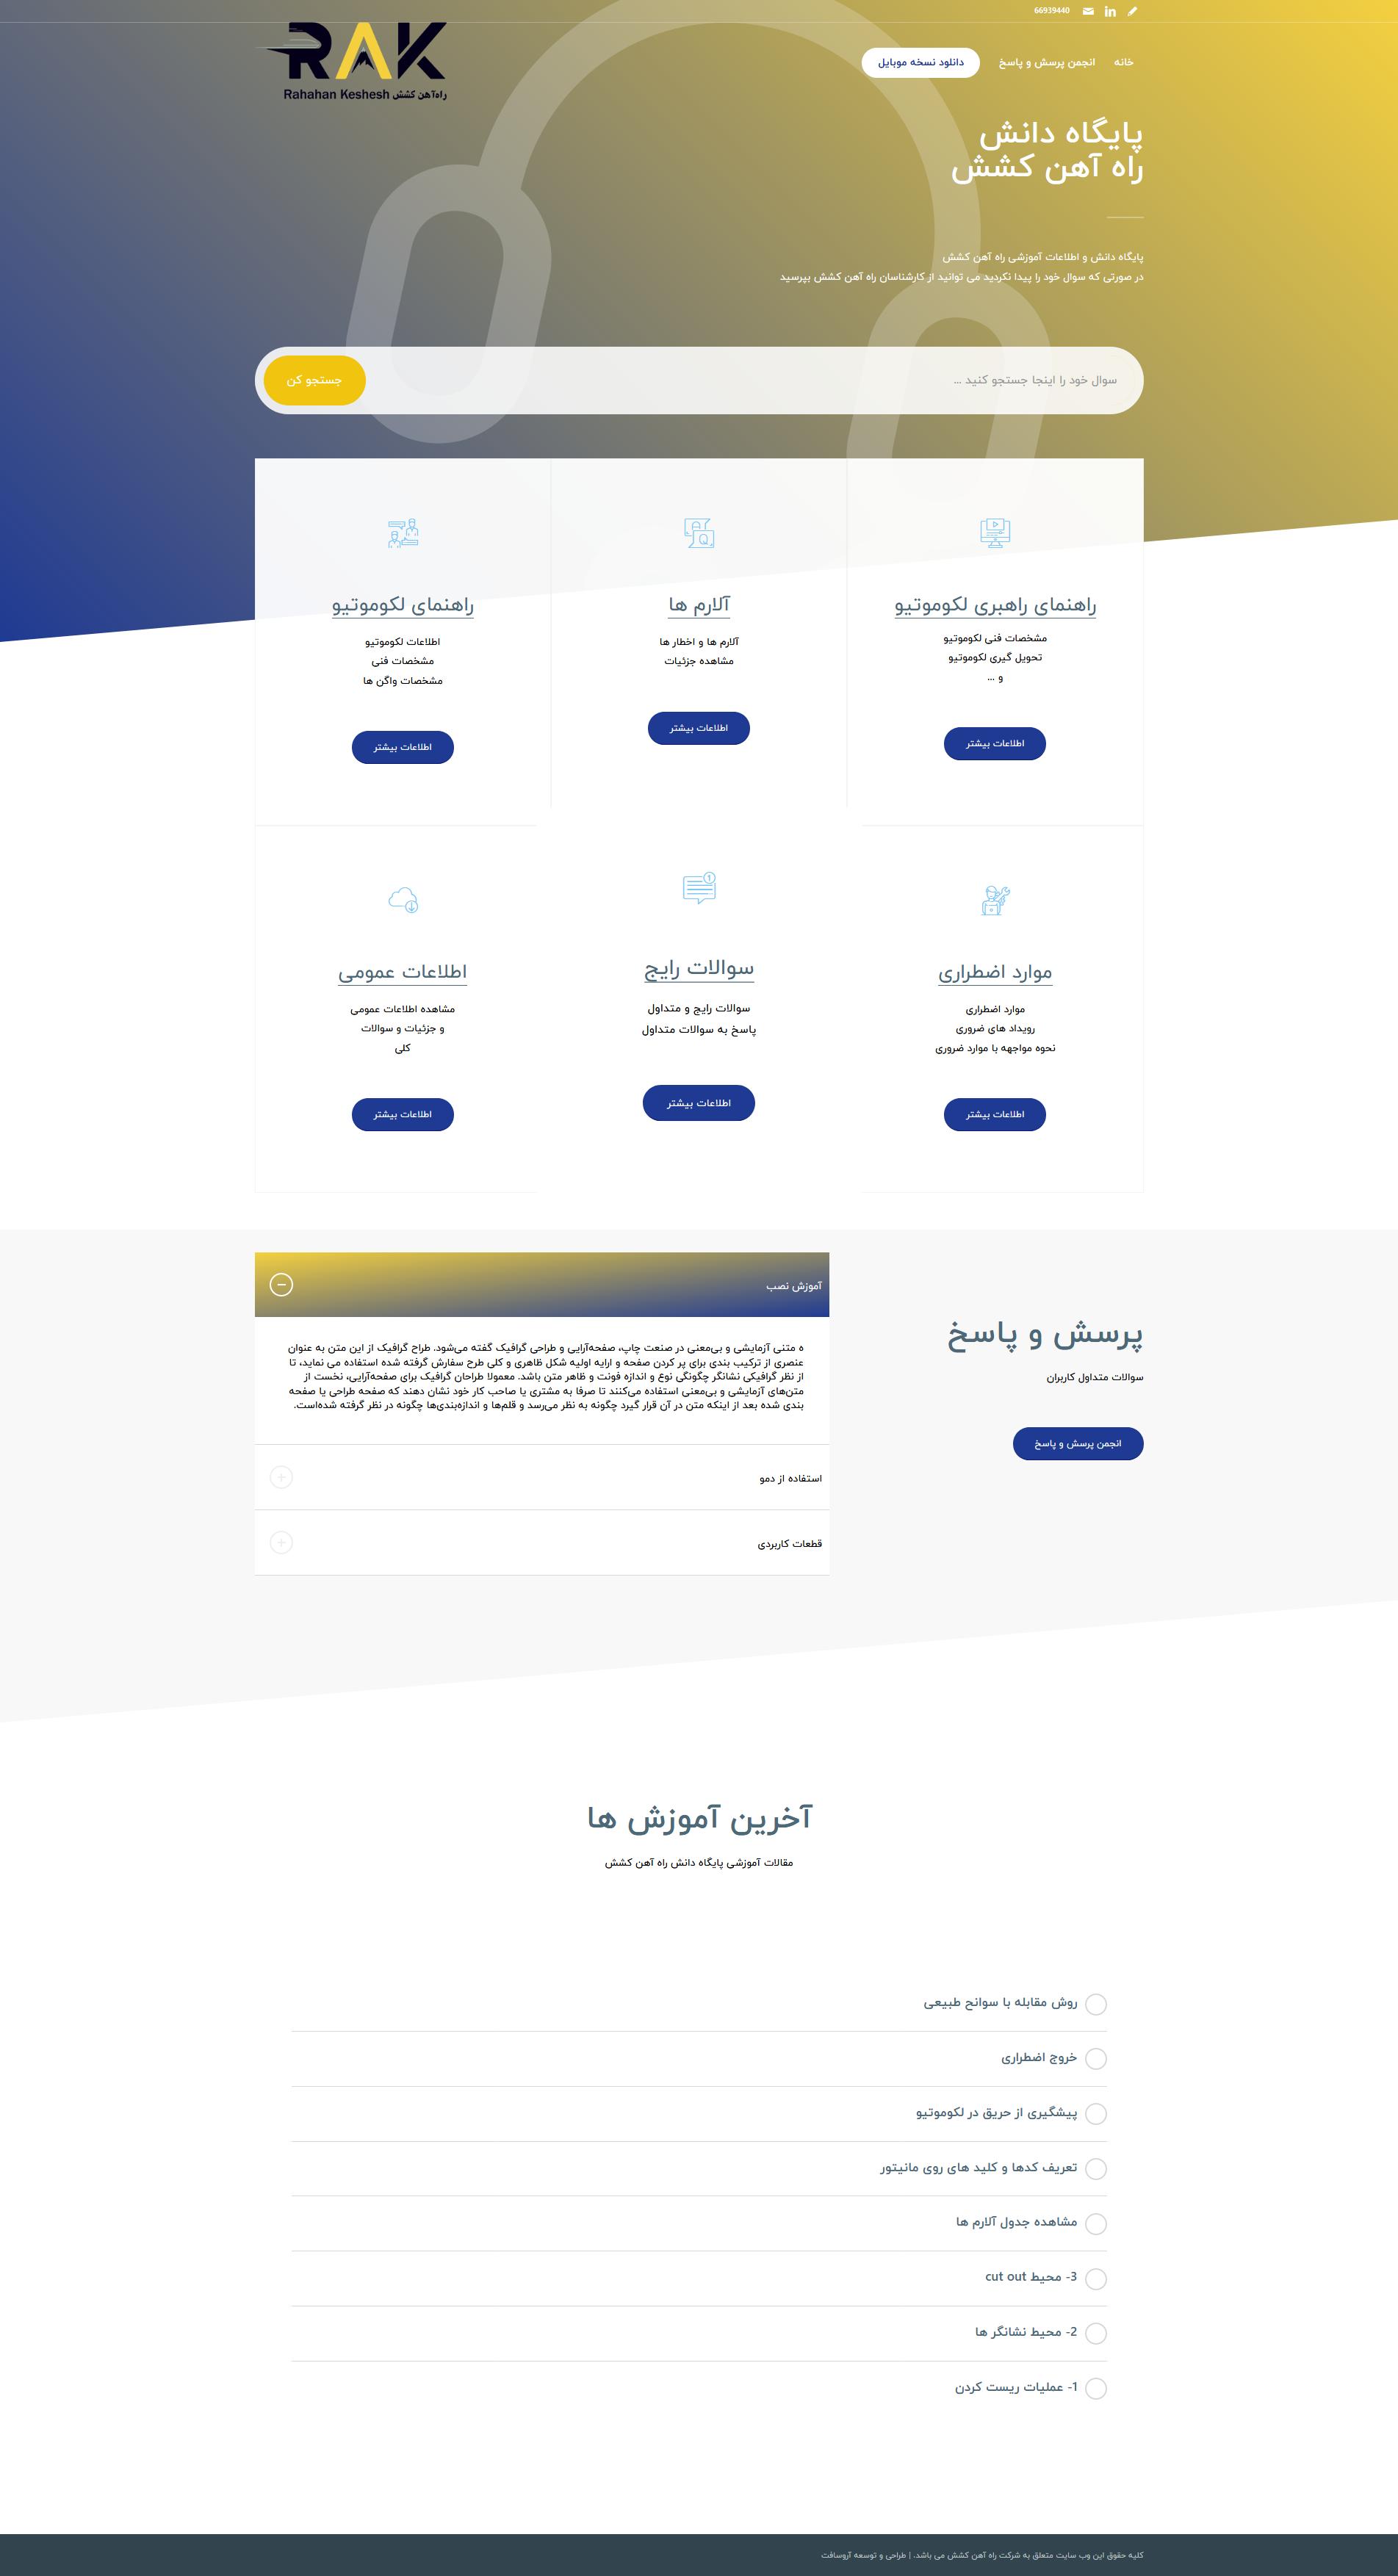 طراحی سایت شرکتی راه آهن کشش rak.co